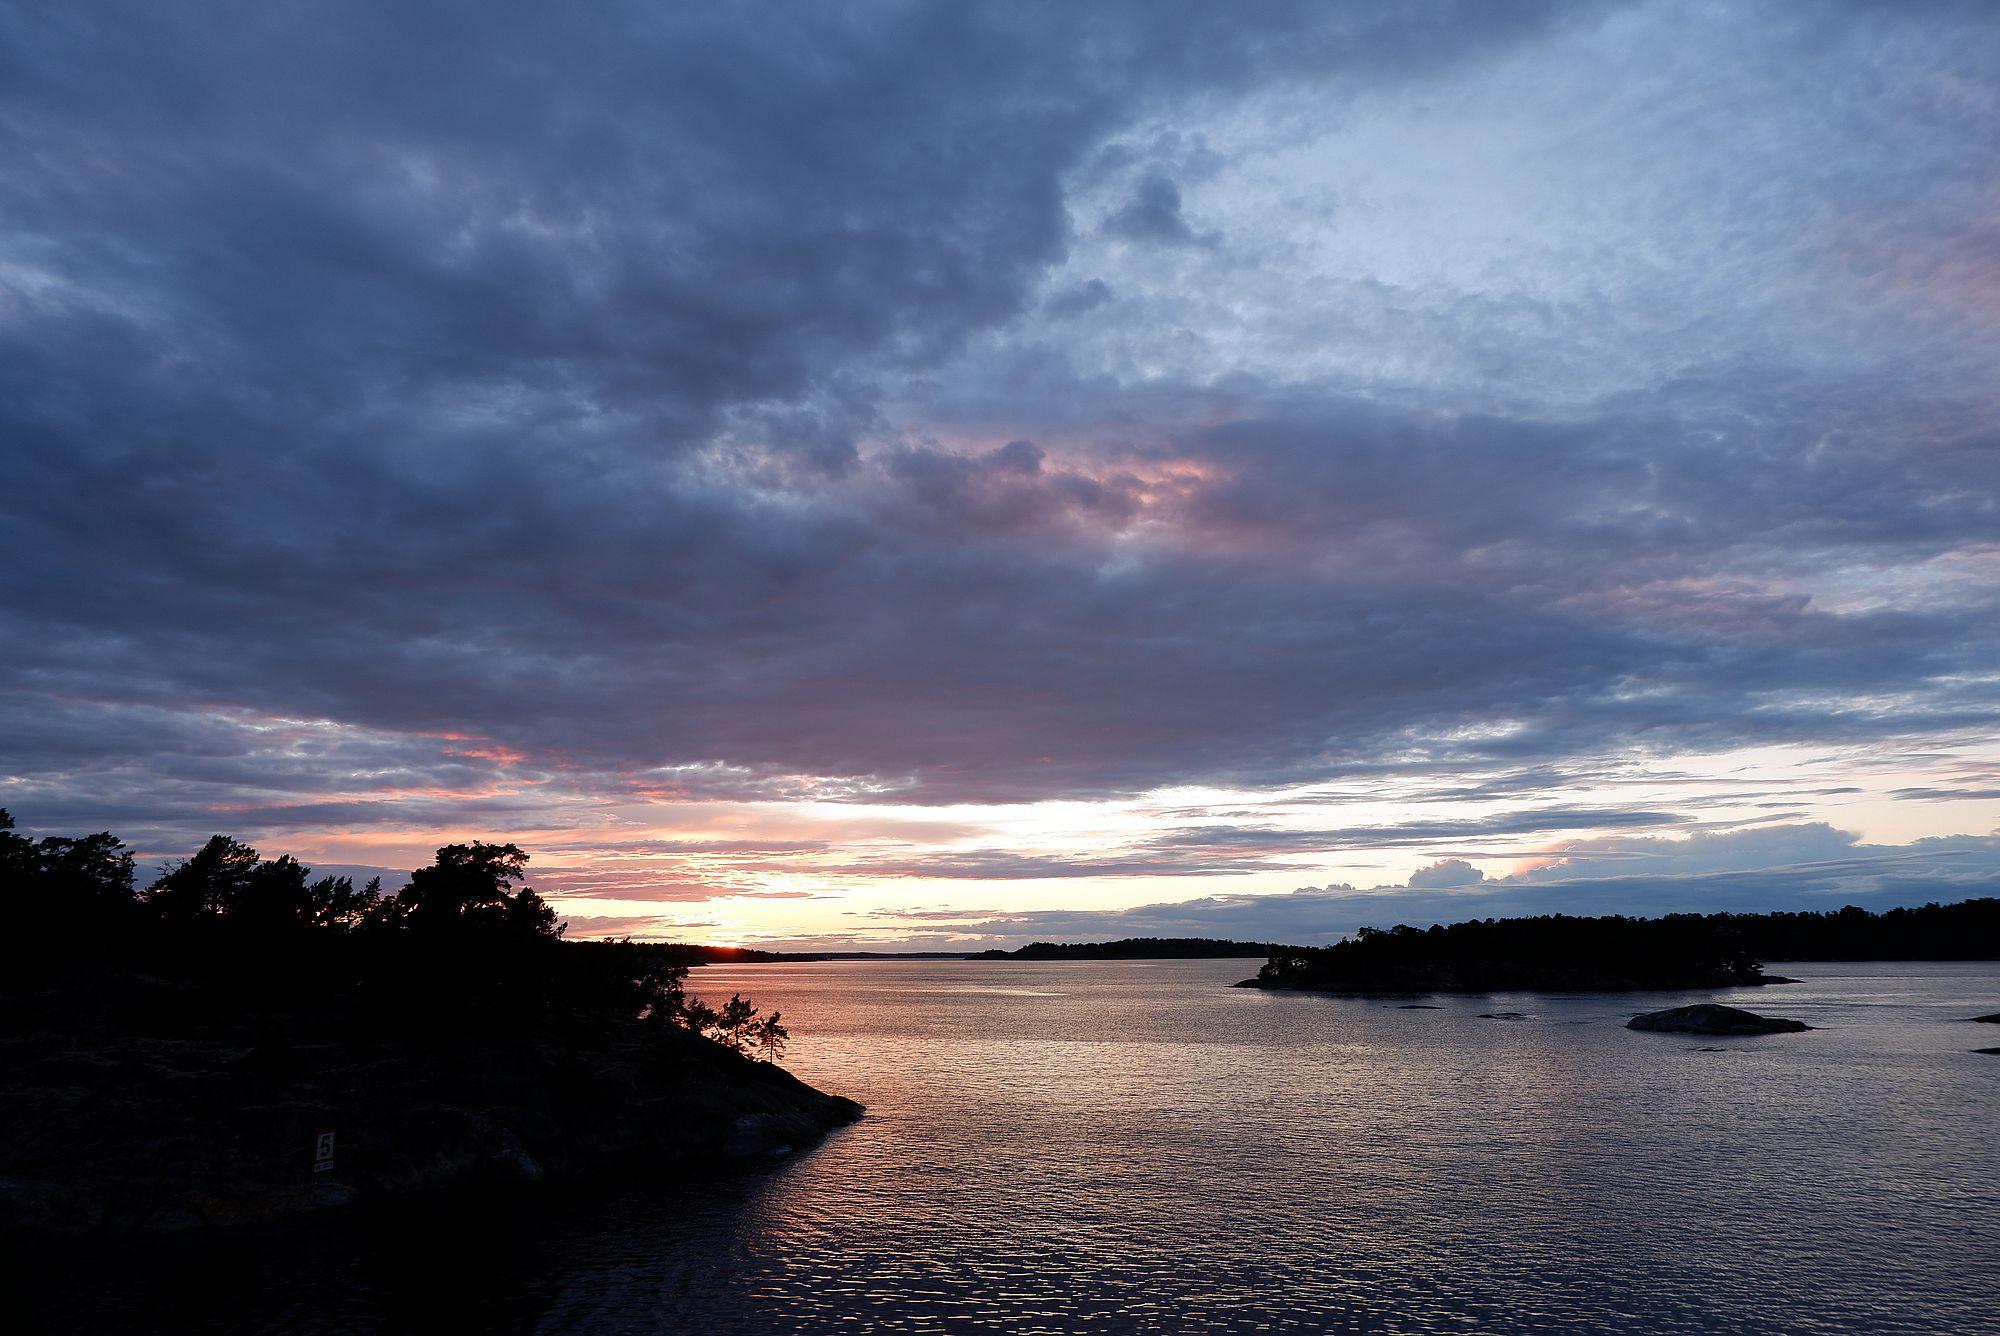 Fin du coucher de soleil sur l'archipel, la nuit tombe doucement et le ciel est bleu.